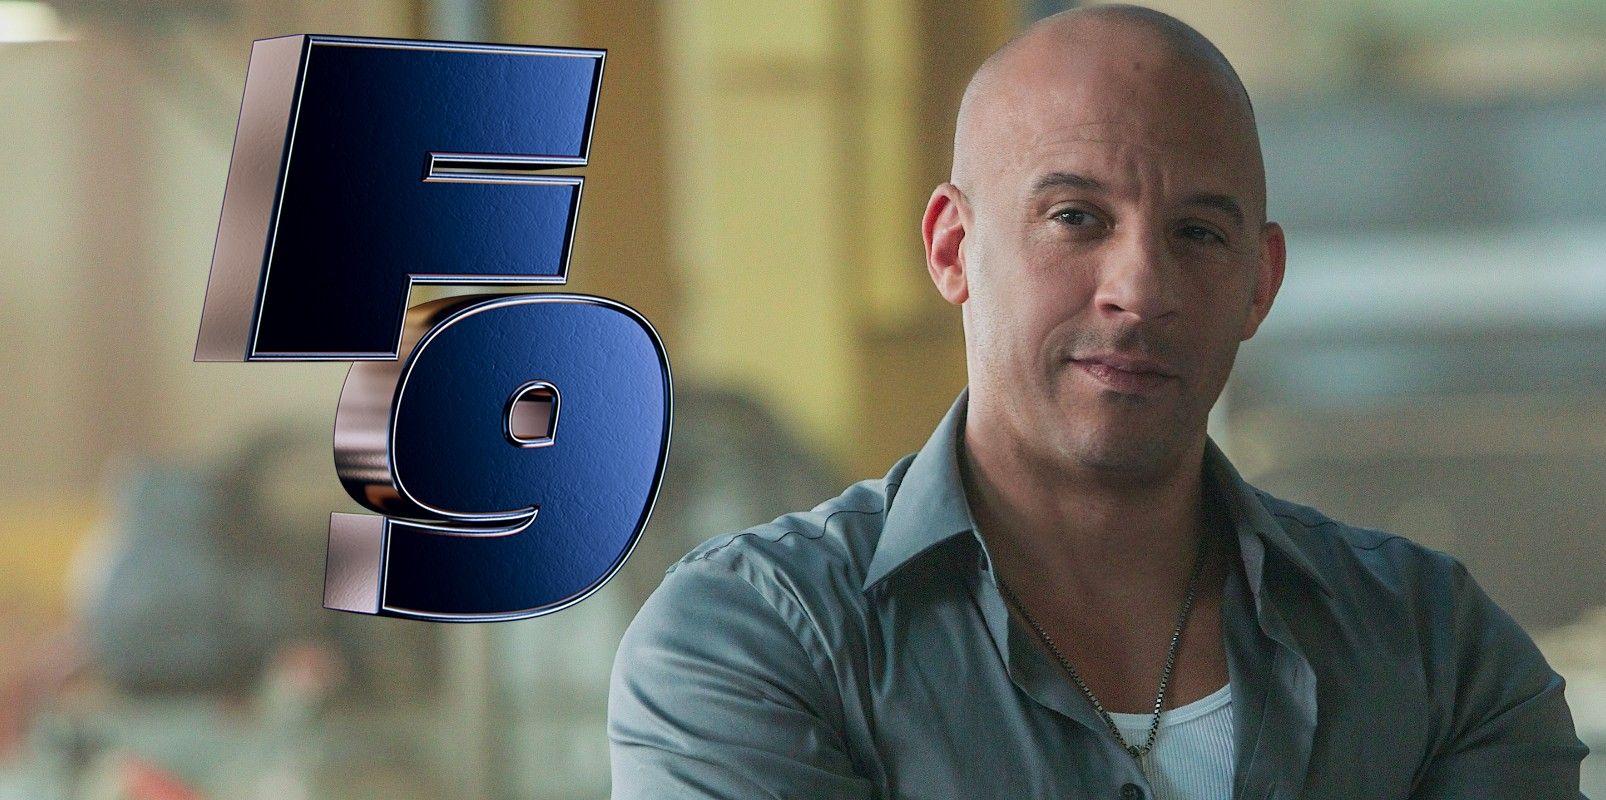 Fotografía de Vin Diesel con logo de Rápidos y furiosos 9